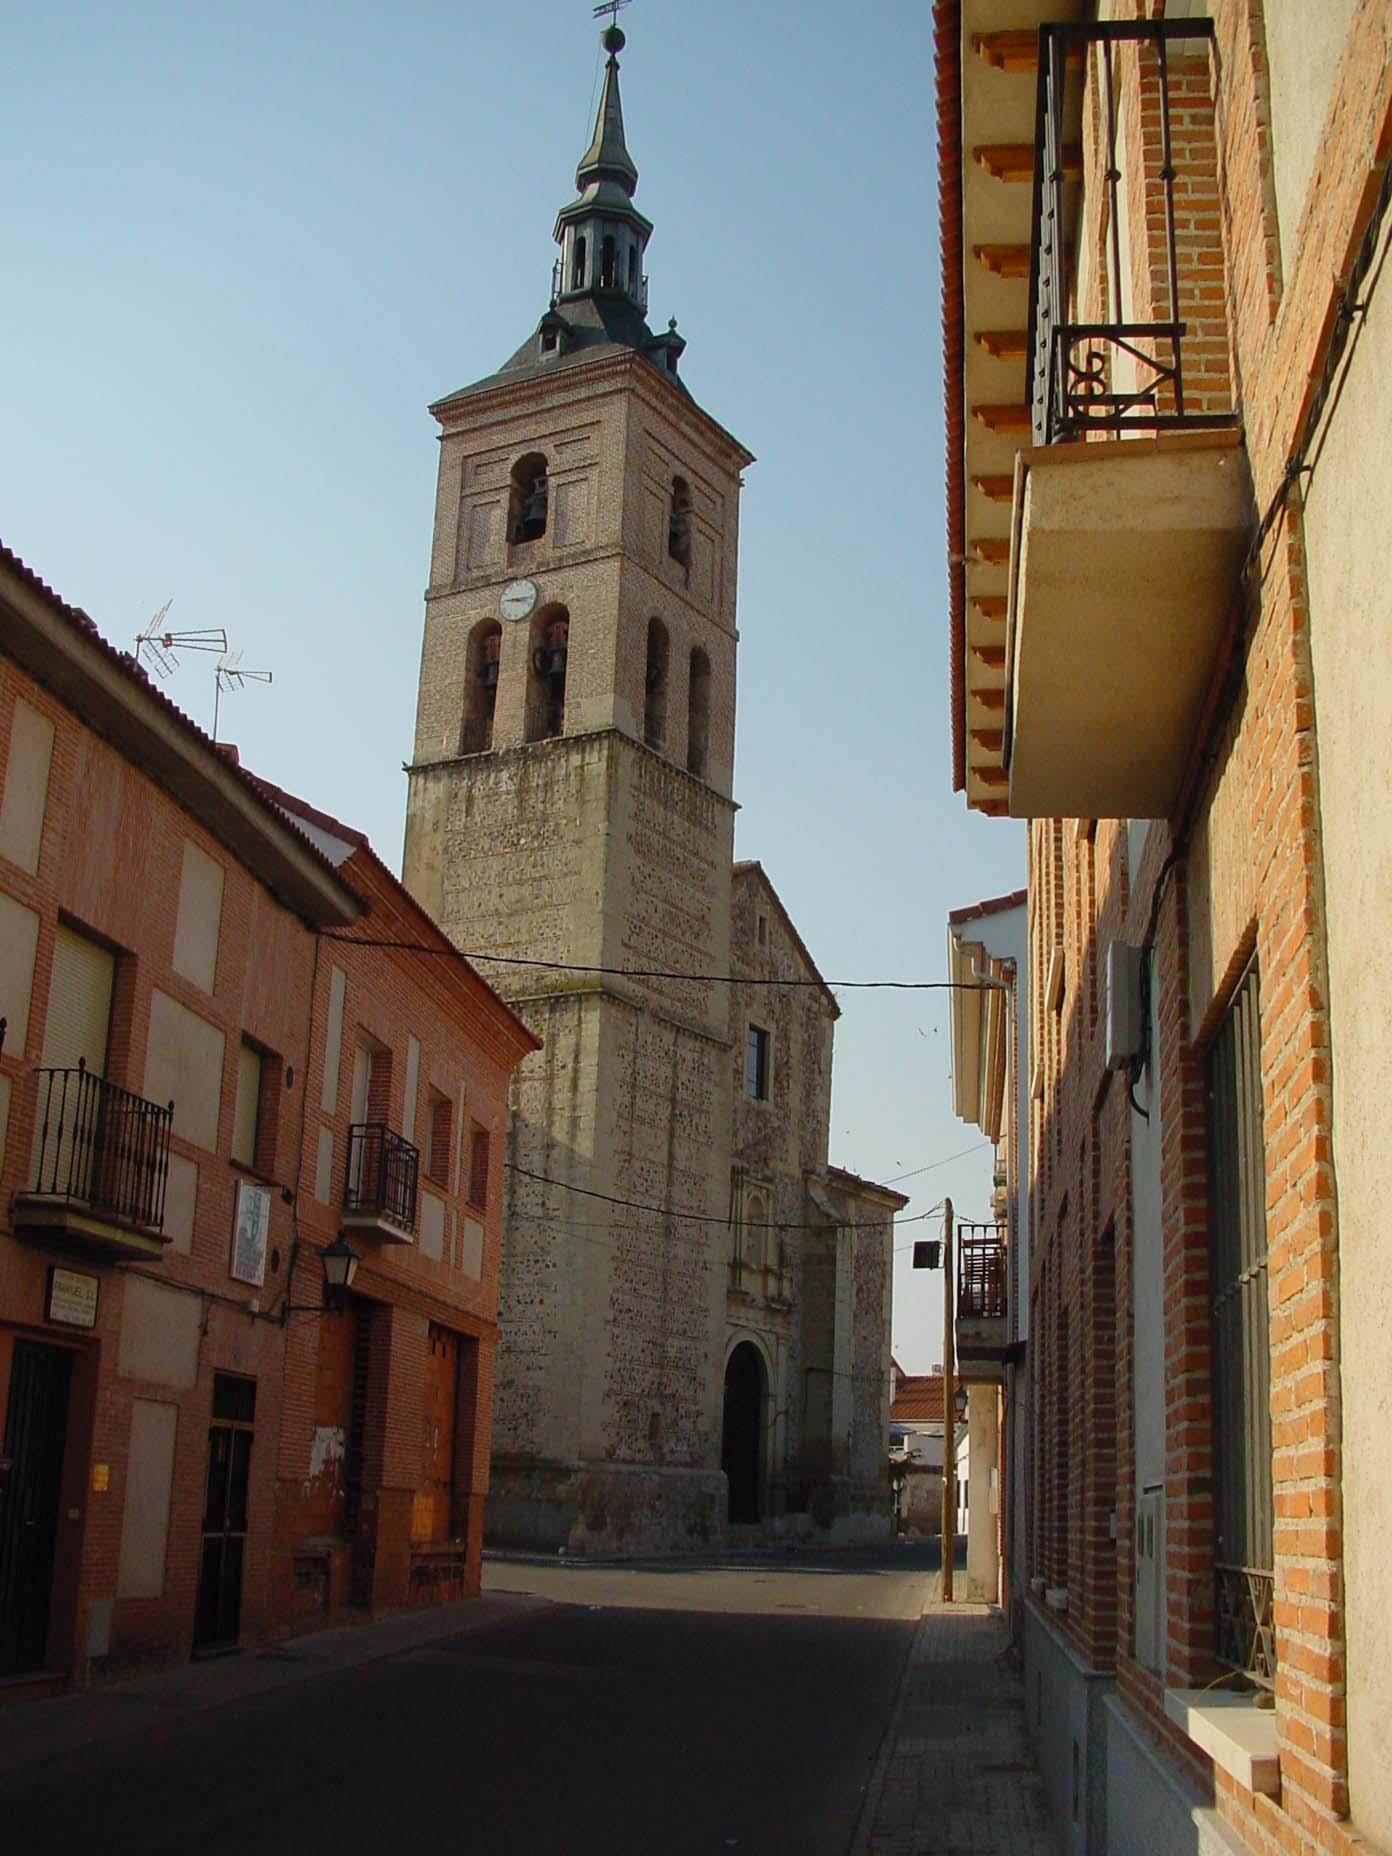 Ayuntamiento y torre del reloj en Fuentidueña del Tajo